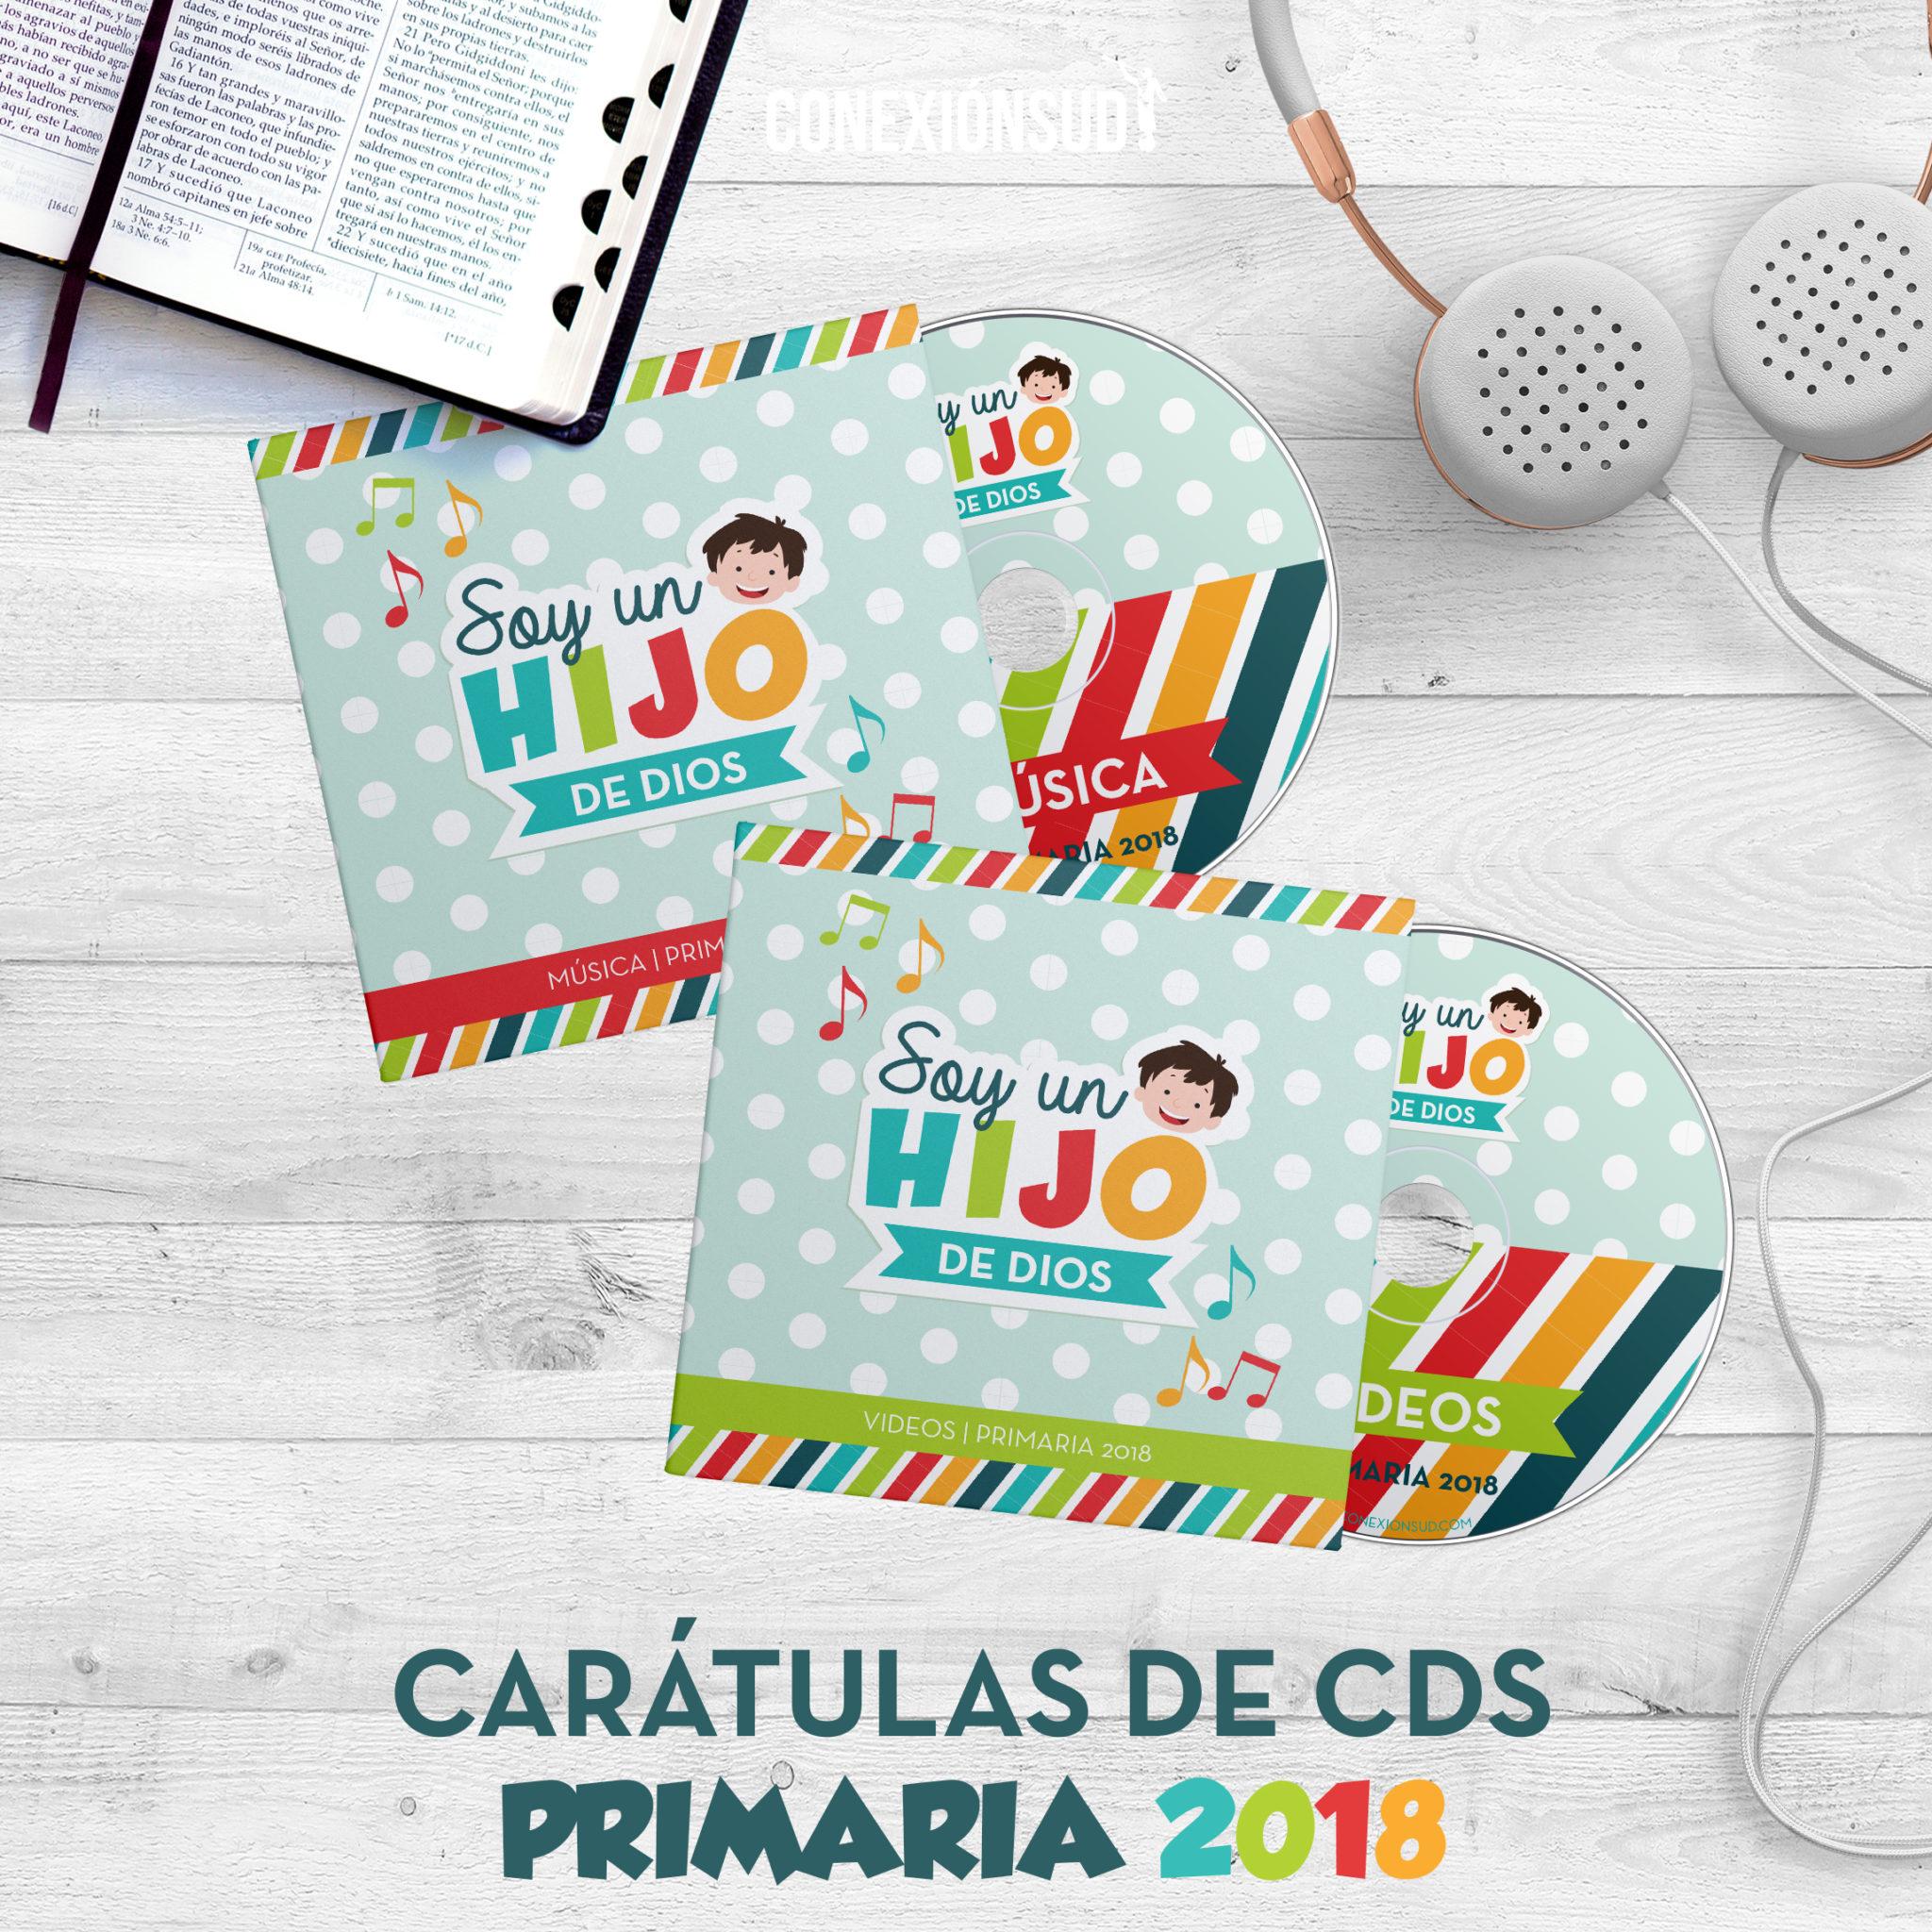 CD Musica Primaria 2018 - Soy un Hijo de Dios